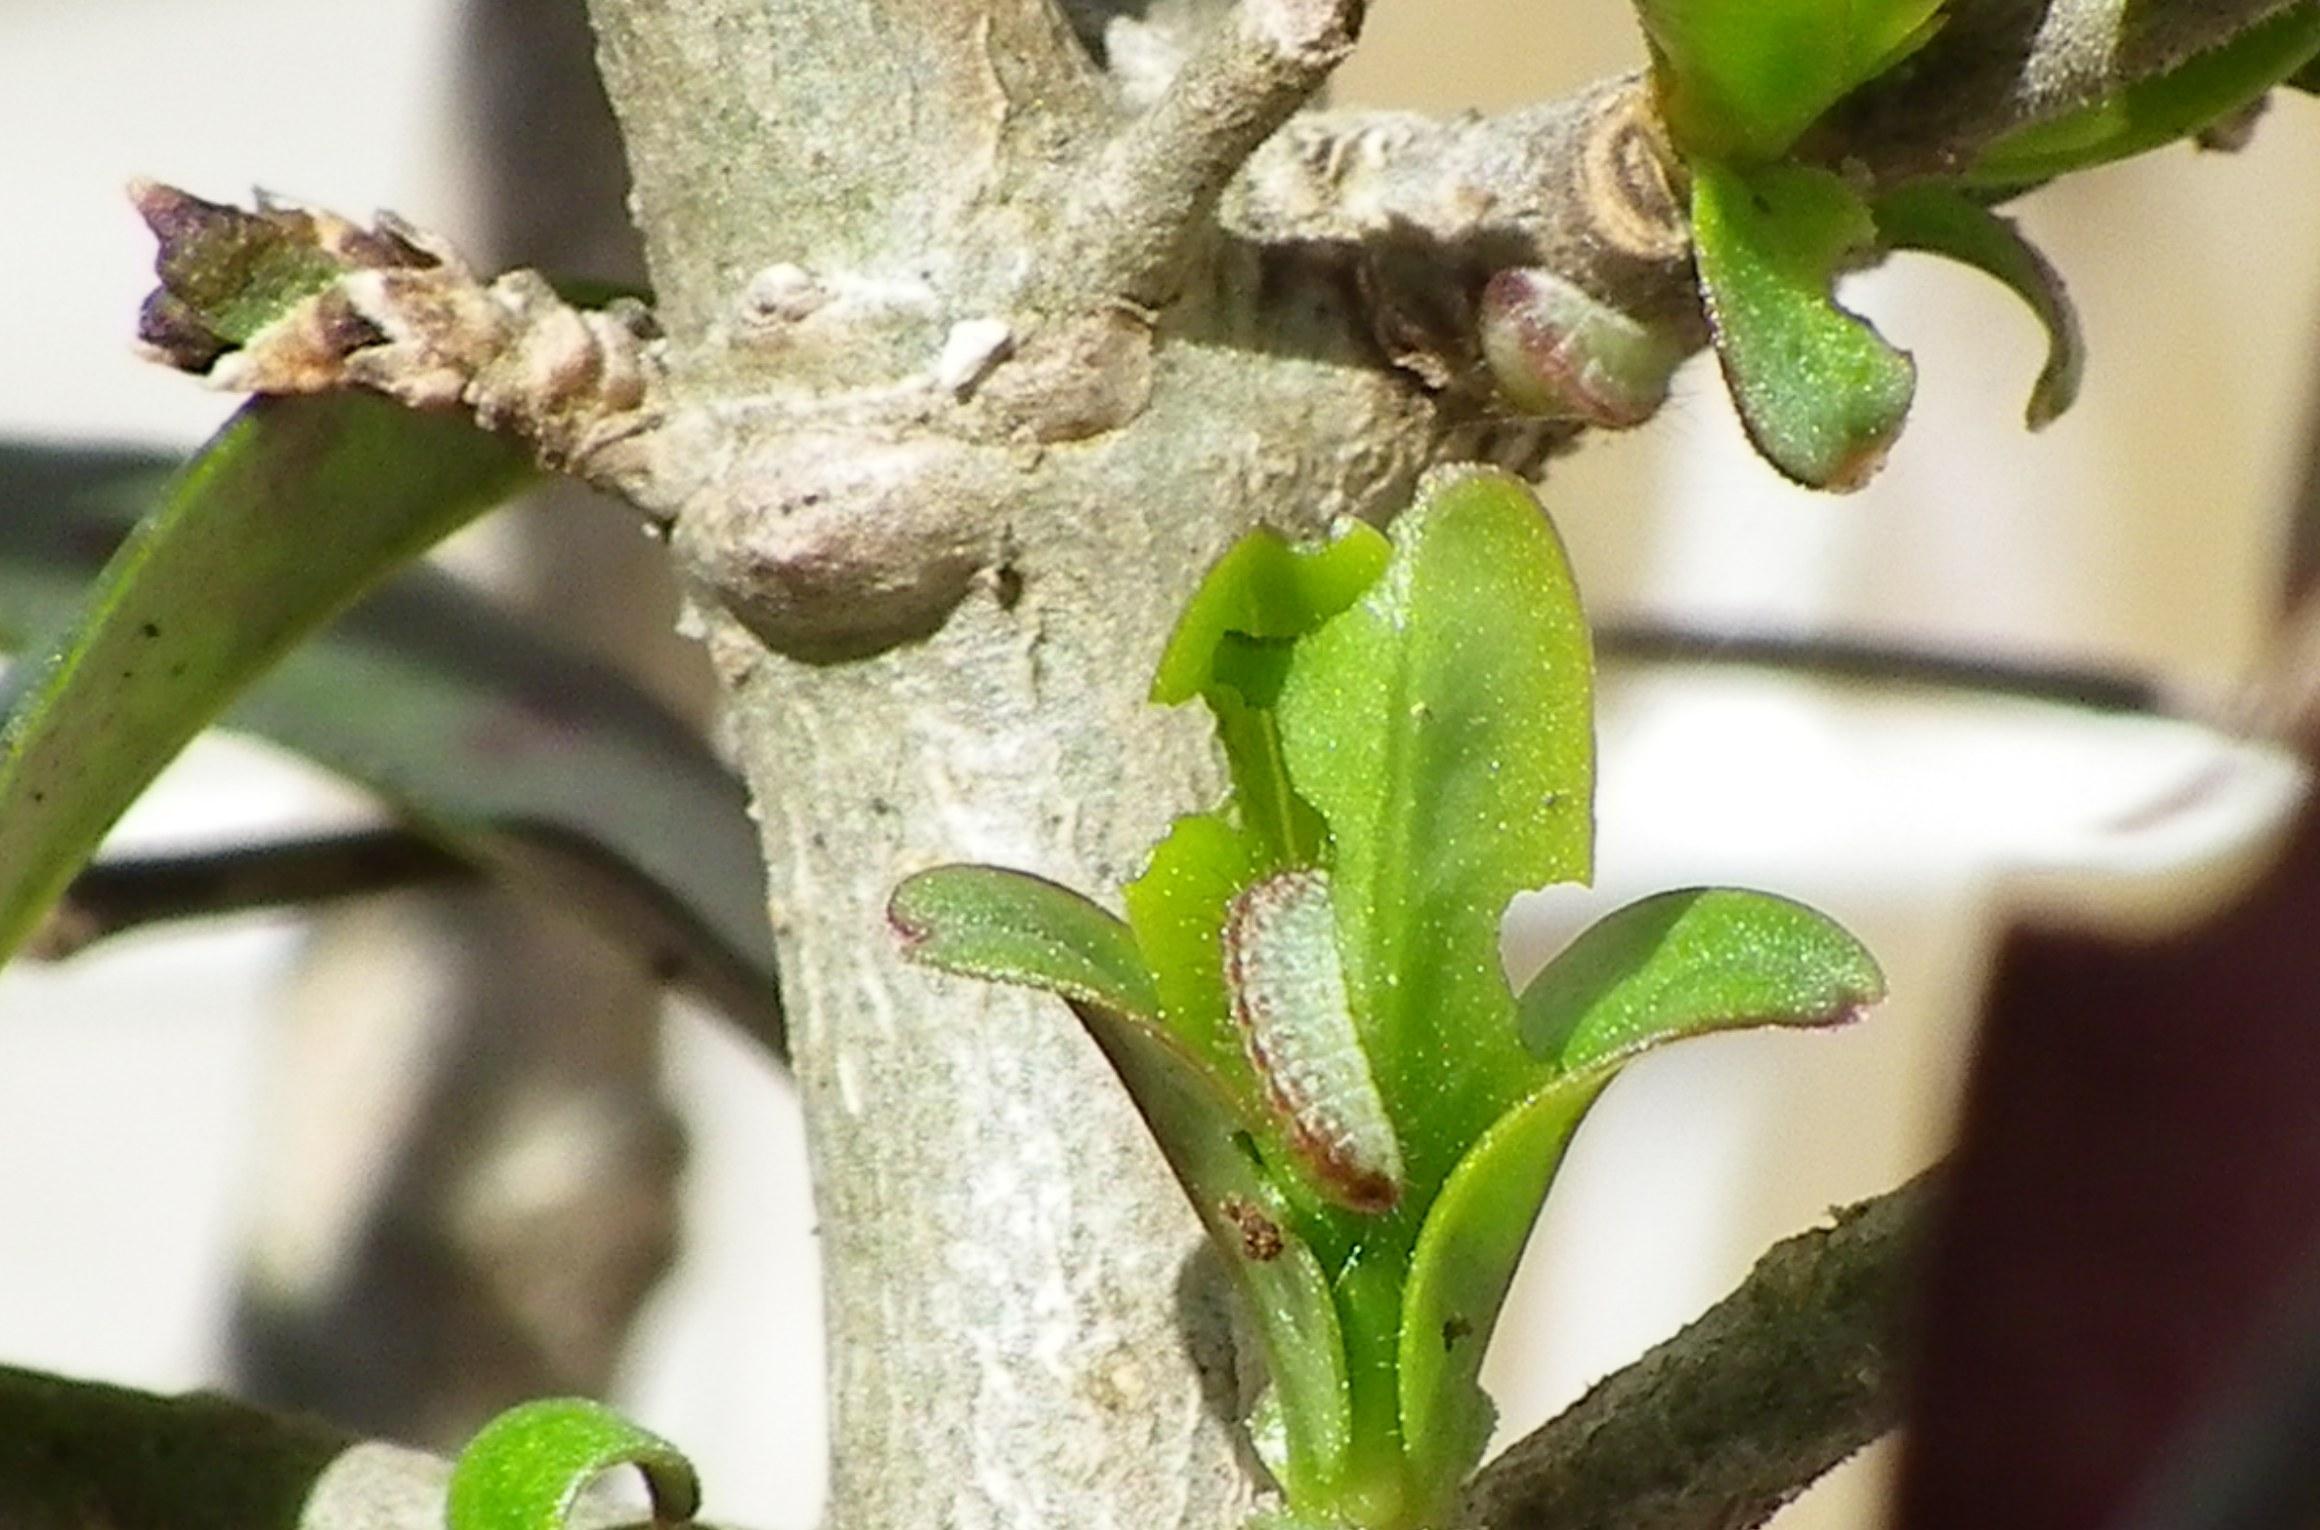 ウラゴマダラシジミ幼虫達  3月12日_d0254540_1945460.jpg